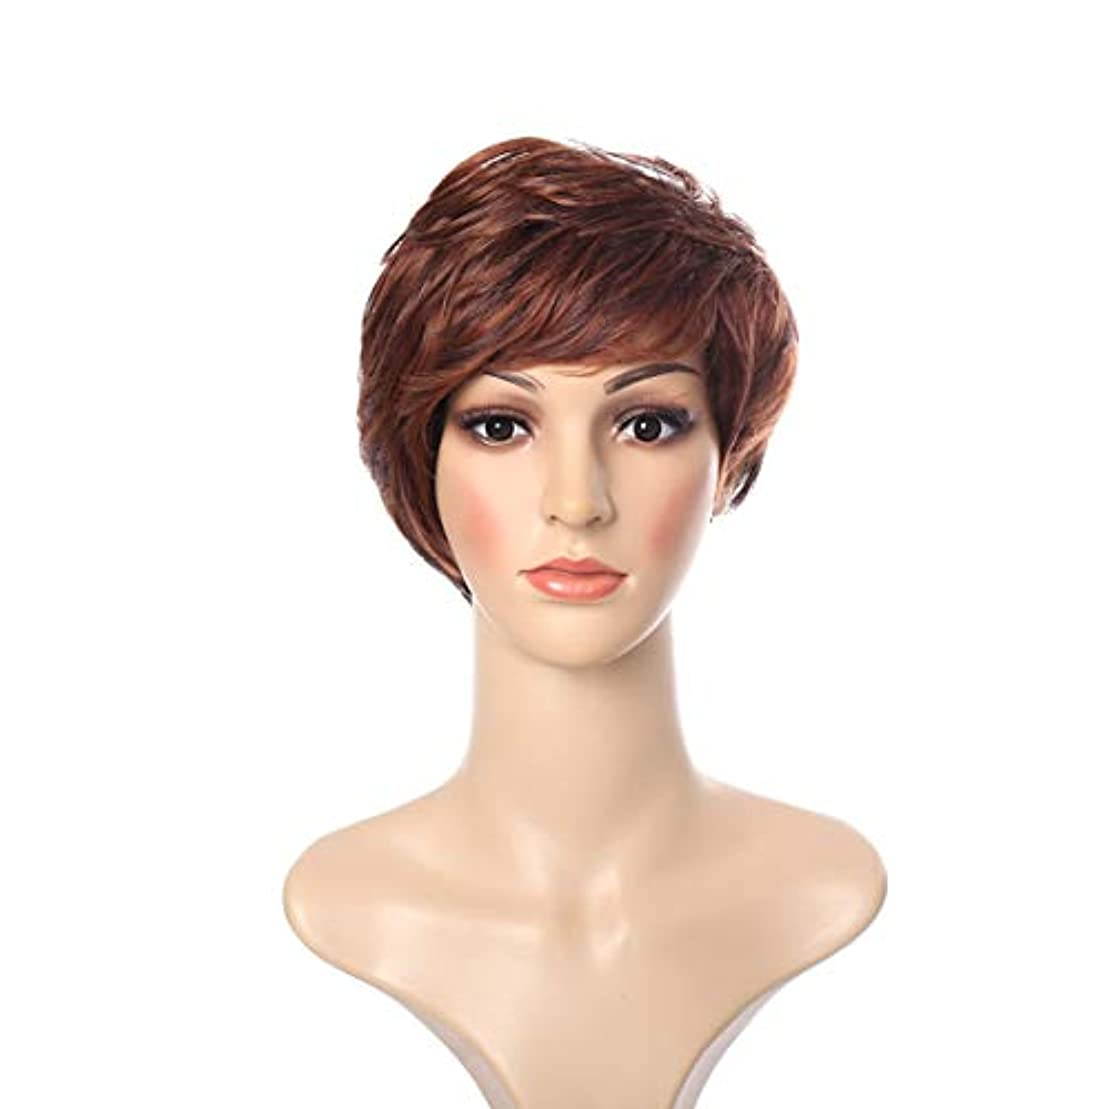 繊細短命質素なYOUQIU 女子ショートヘアカールウィッグふわふわフェイクレイヤード帽子グラデーションヨーロッパやアメリカのヘアスタイルウィッグ (色 : ブラウン)